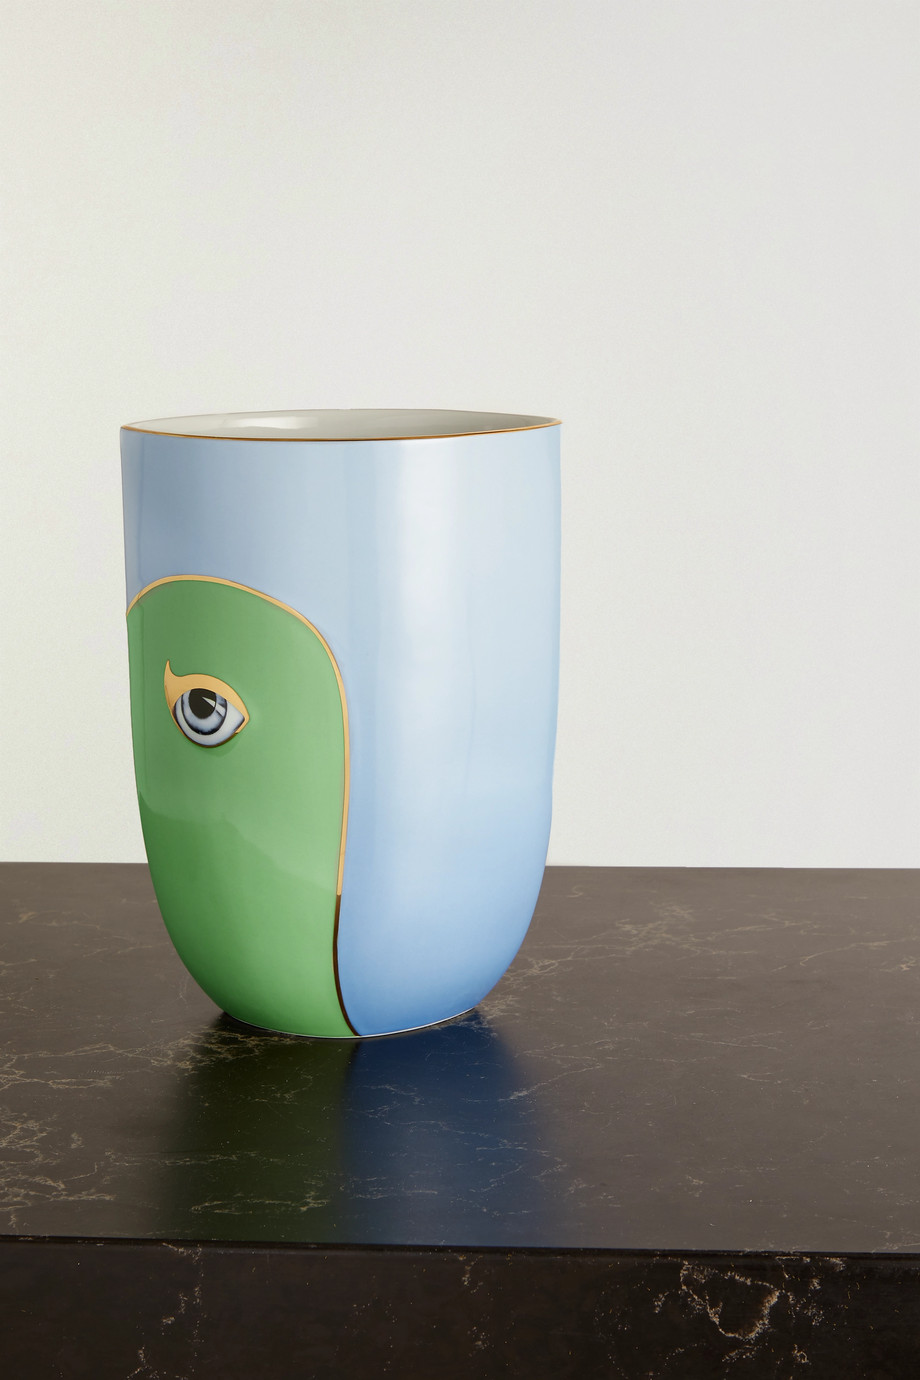 L'Objet + Lito gold-plated porcelain and resin vase